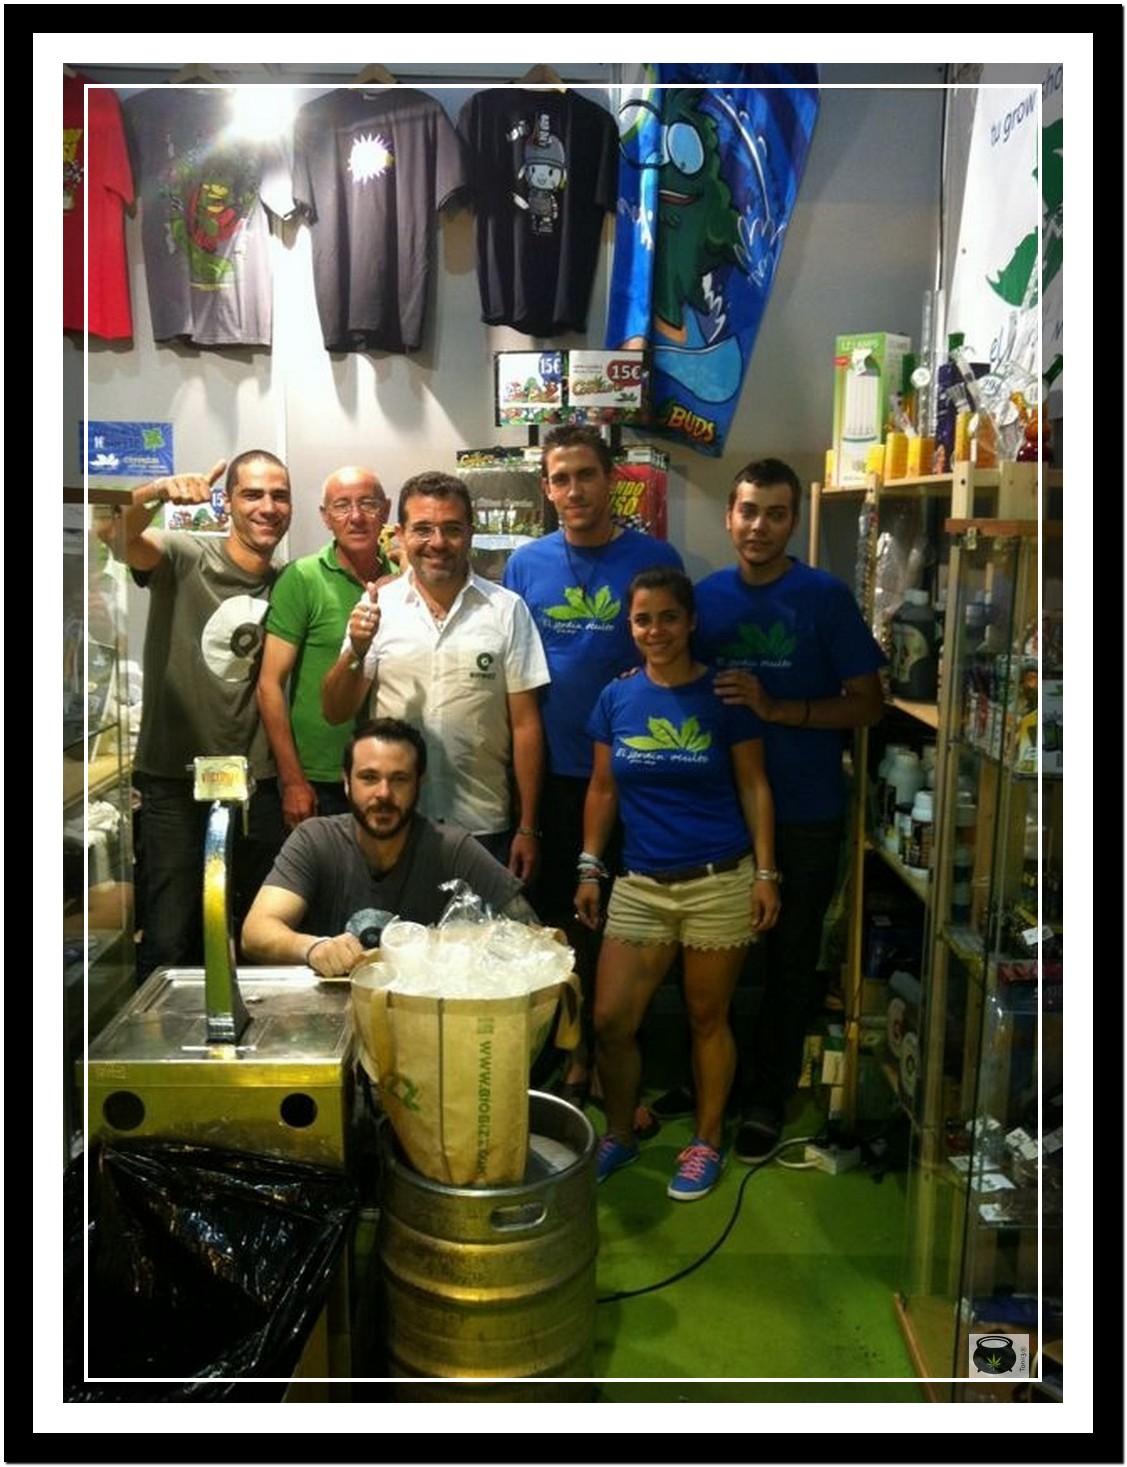 Spannabis Sur 2013 Malaga Toni13